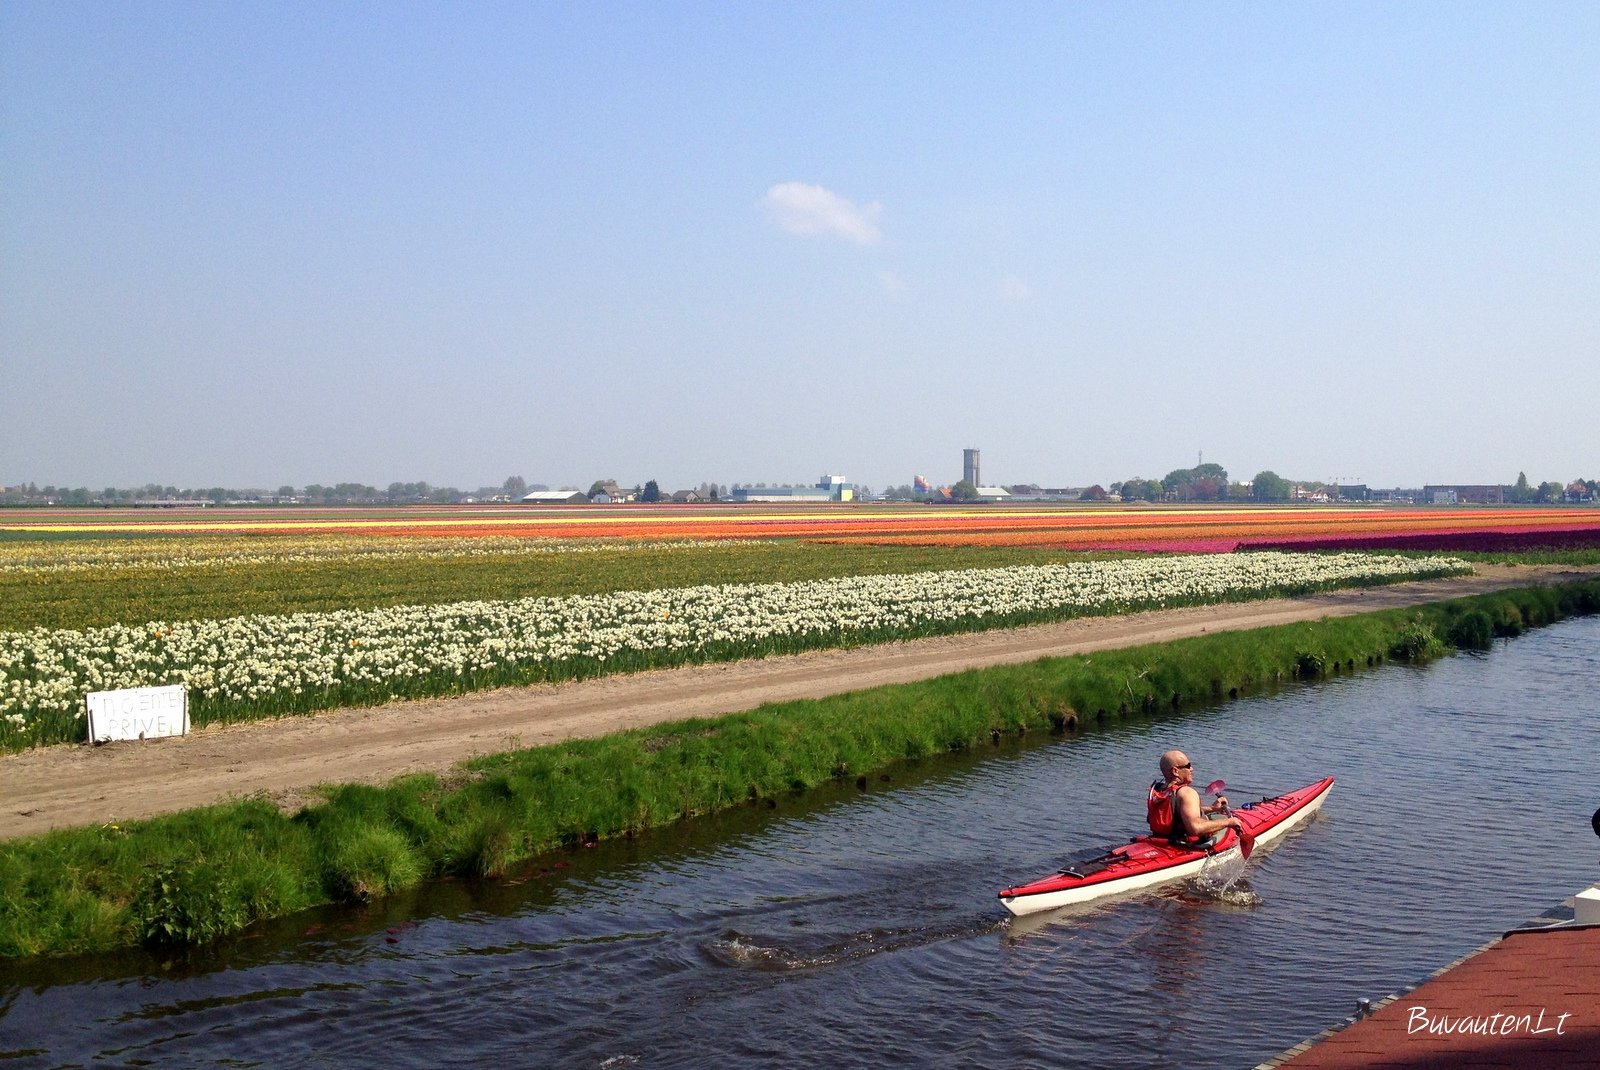 Kanalai ir tulpių laukai parke